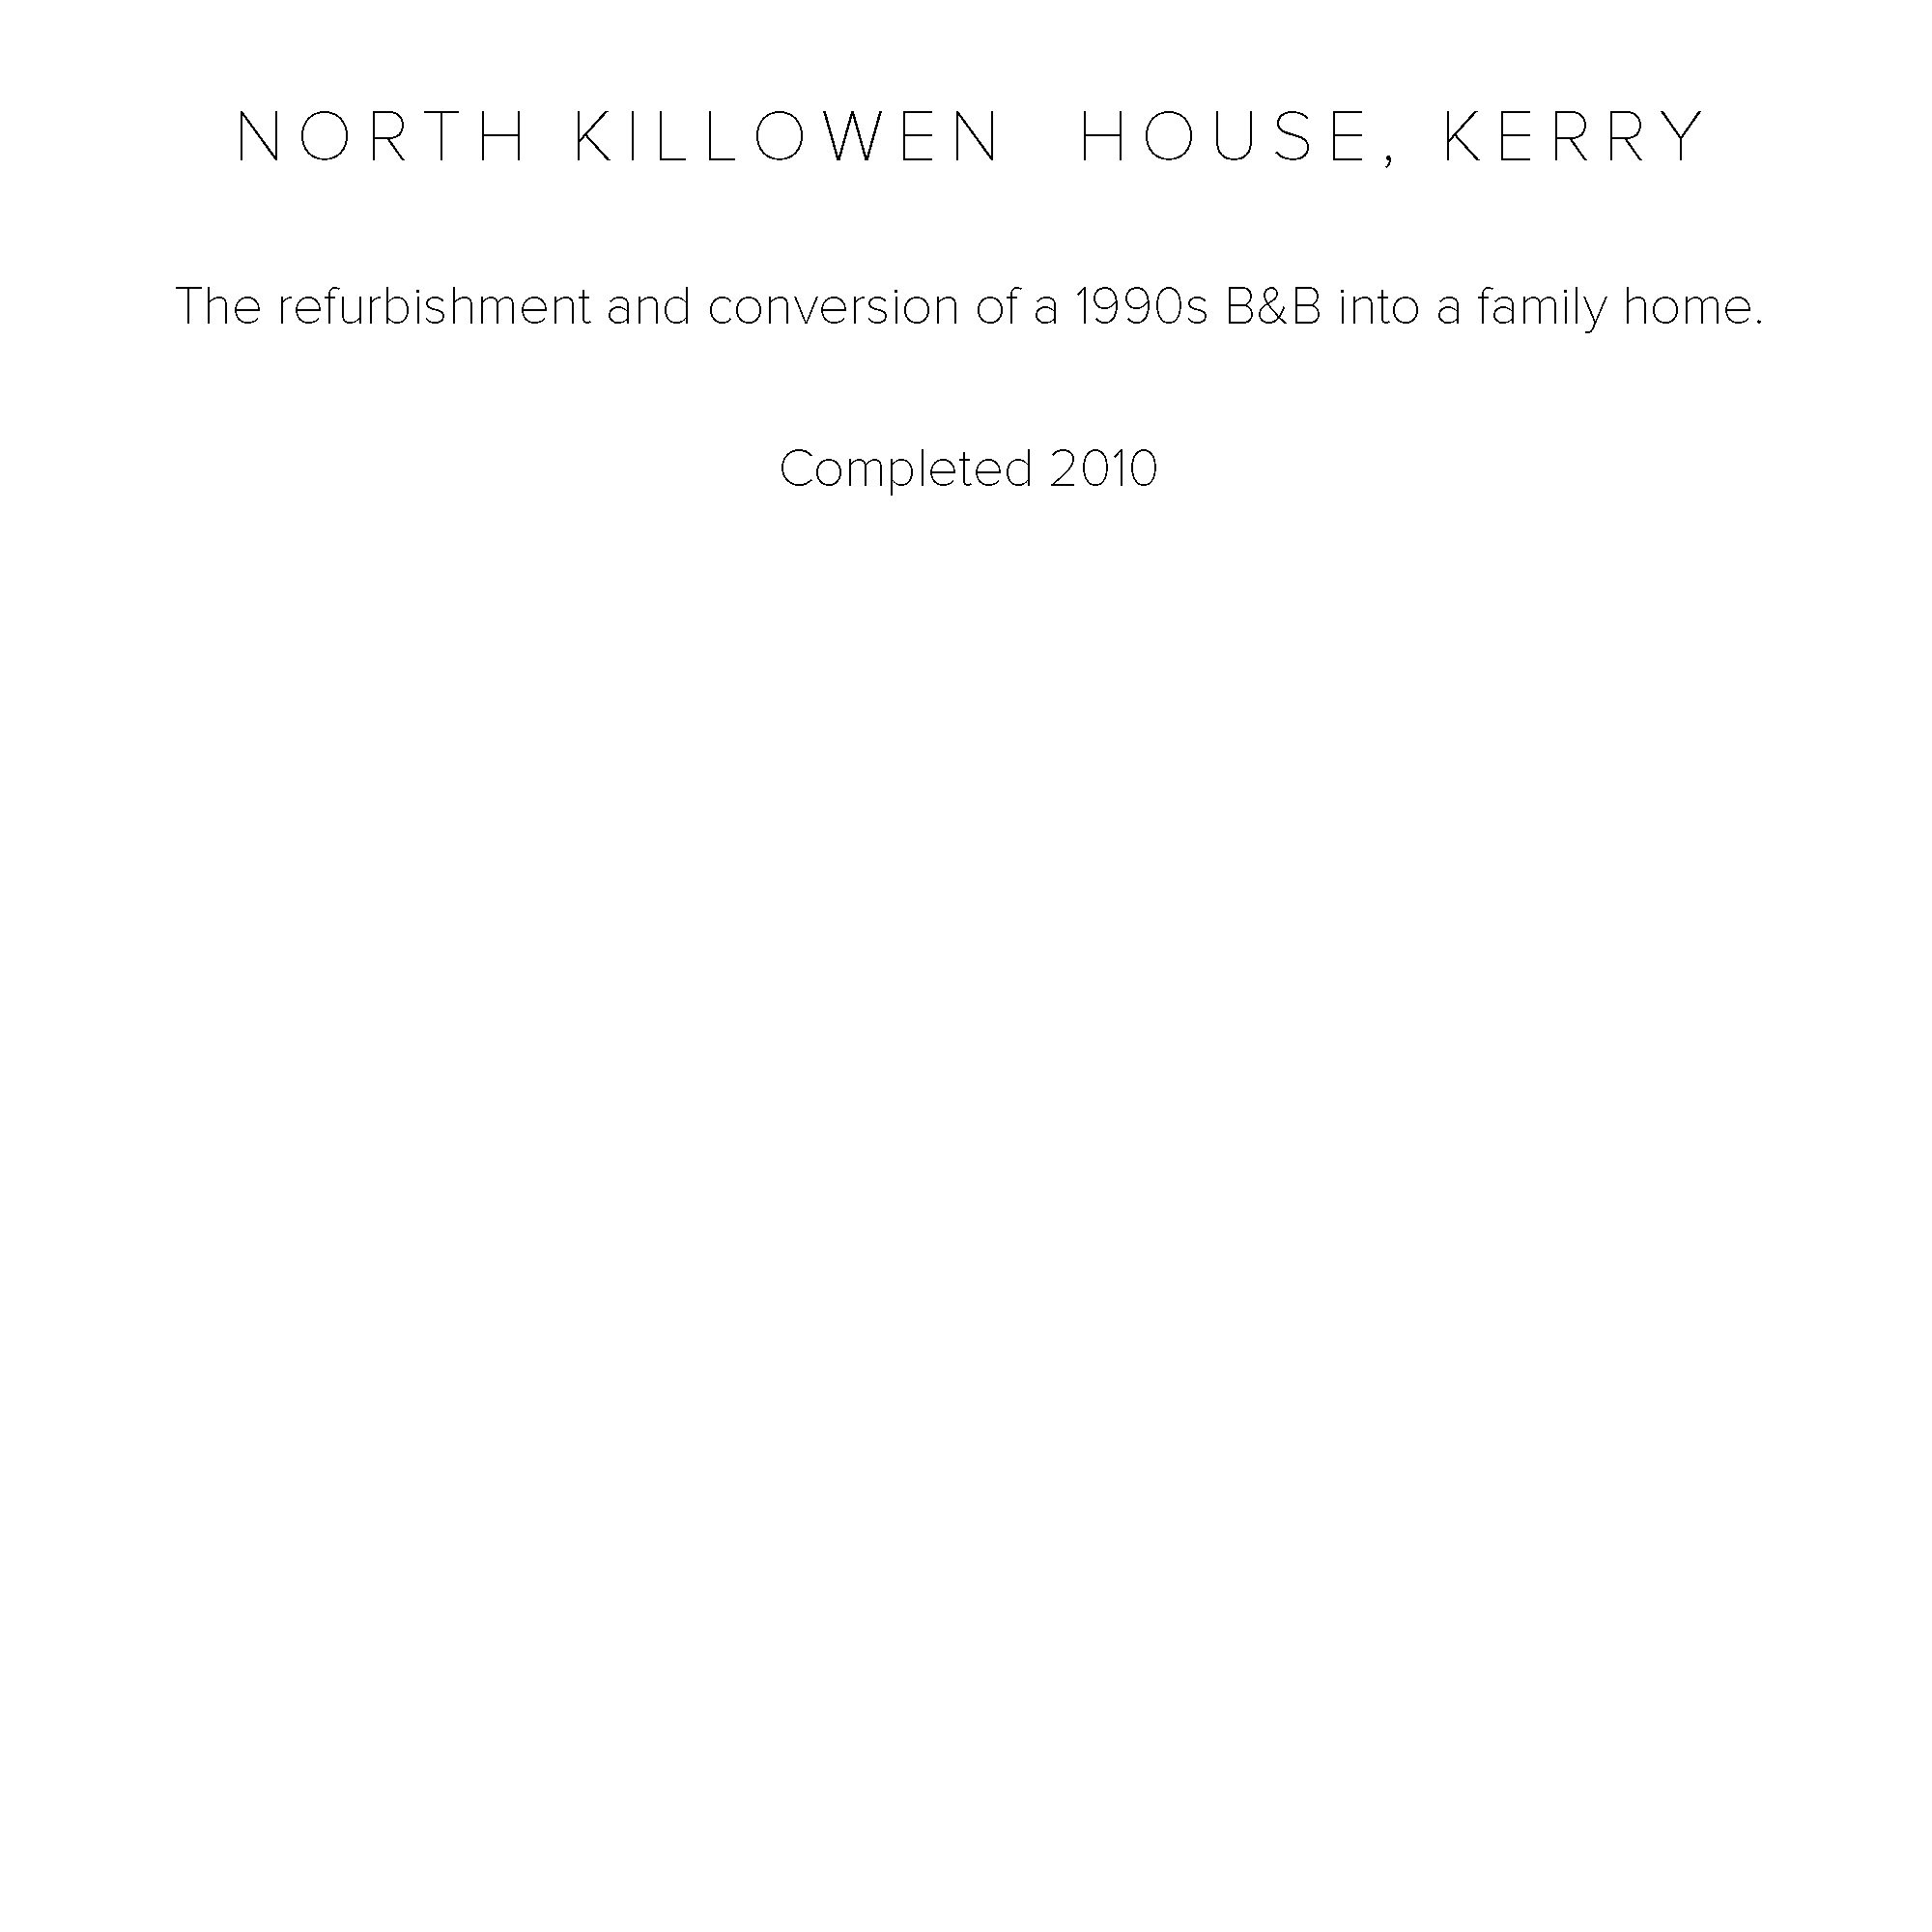 NK_Website text.png